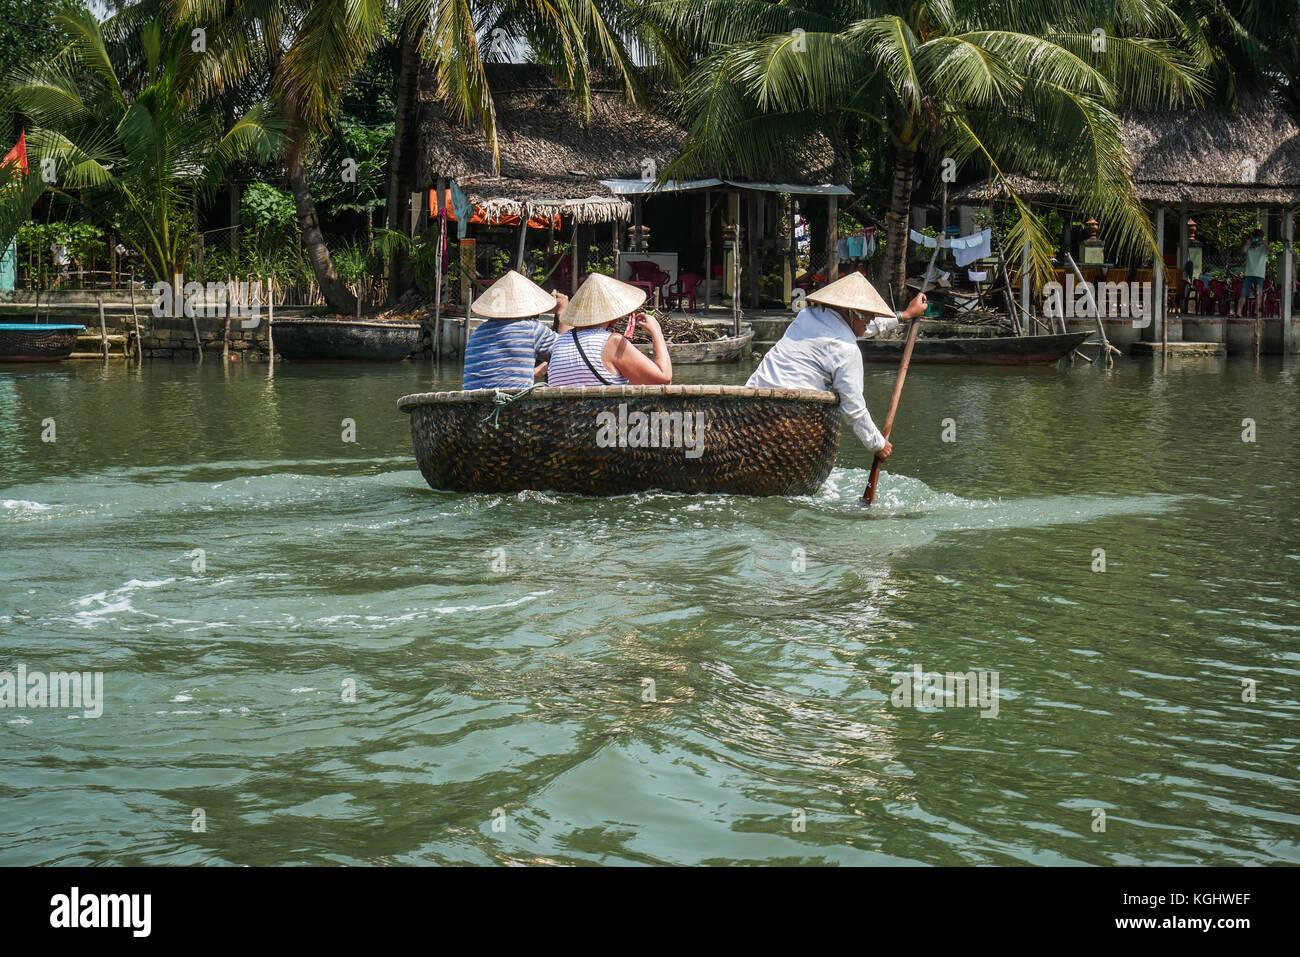 Les touristes appréciant la visite de coracle traditionnels boats on River près de Thu Bon Hoi An, Vietnam, Photo Stock